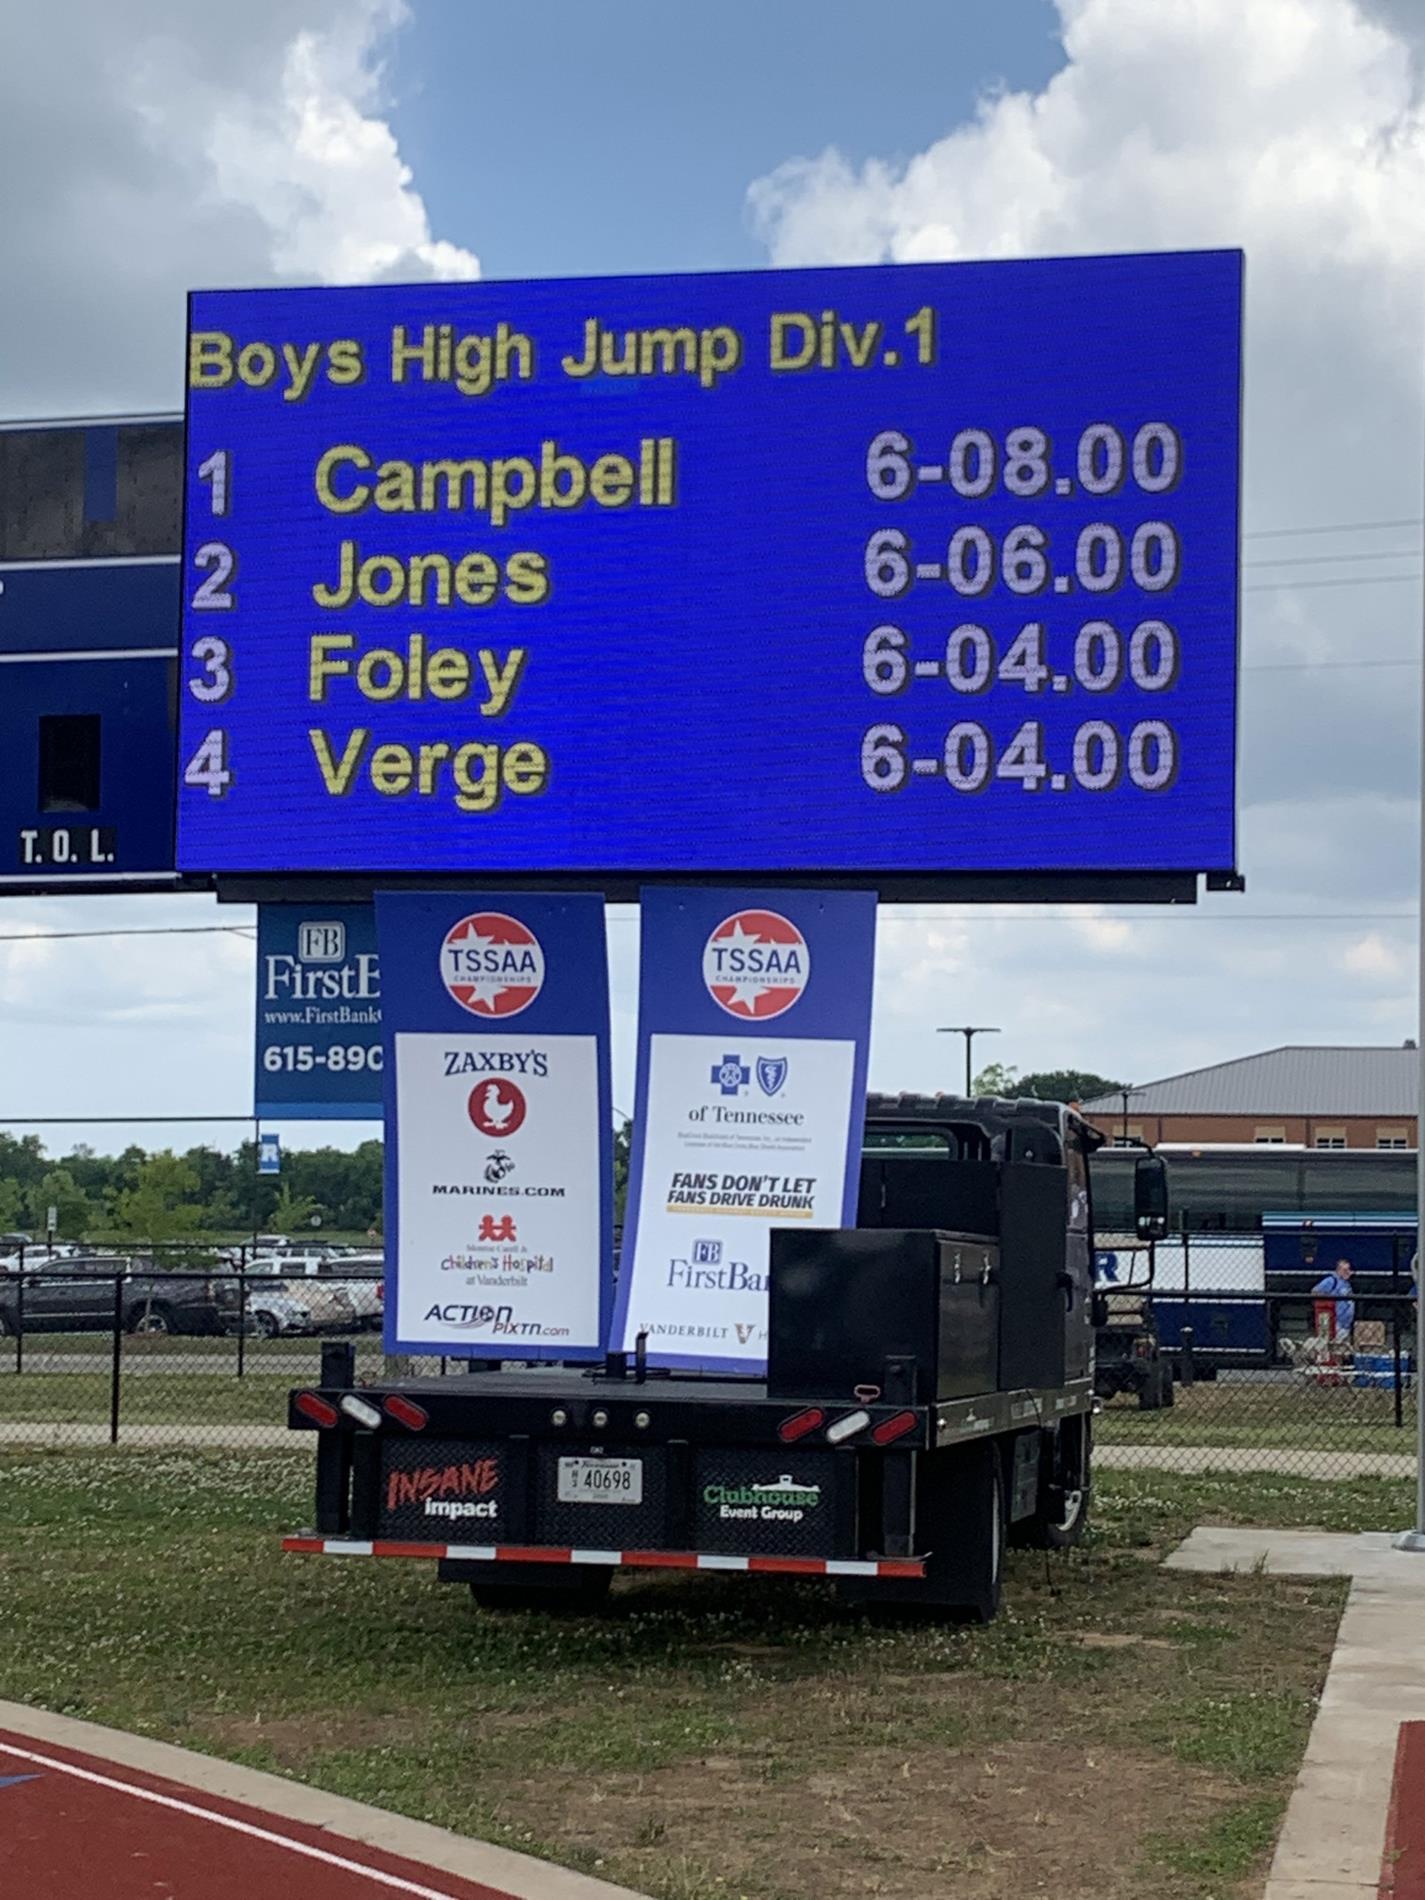 Boys High Jump Division 1